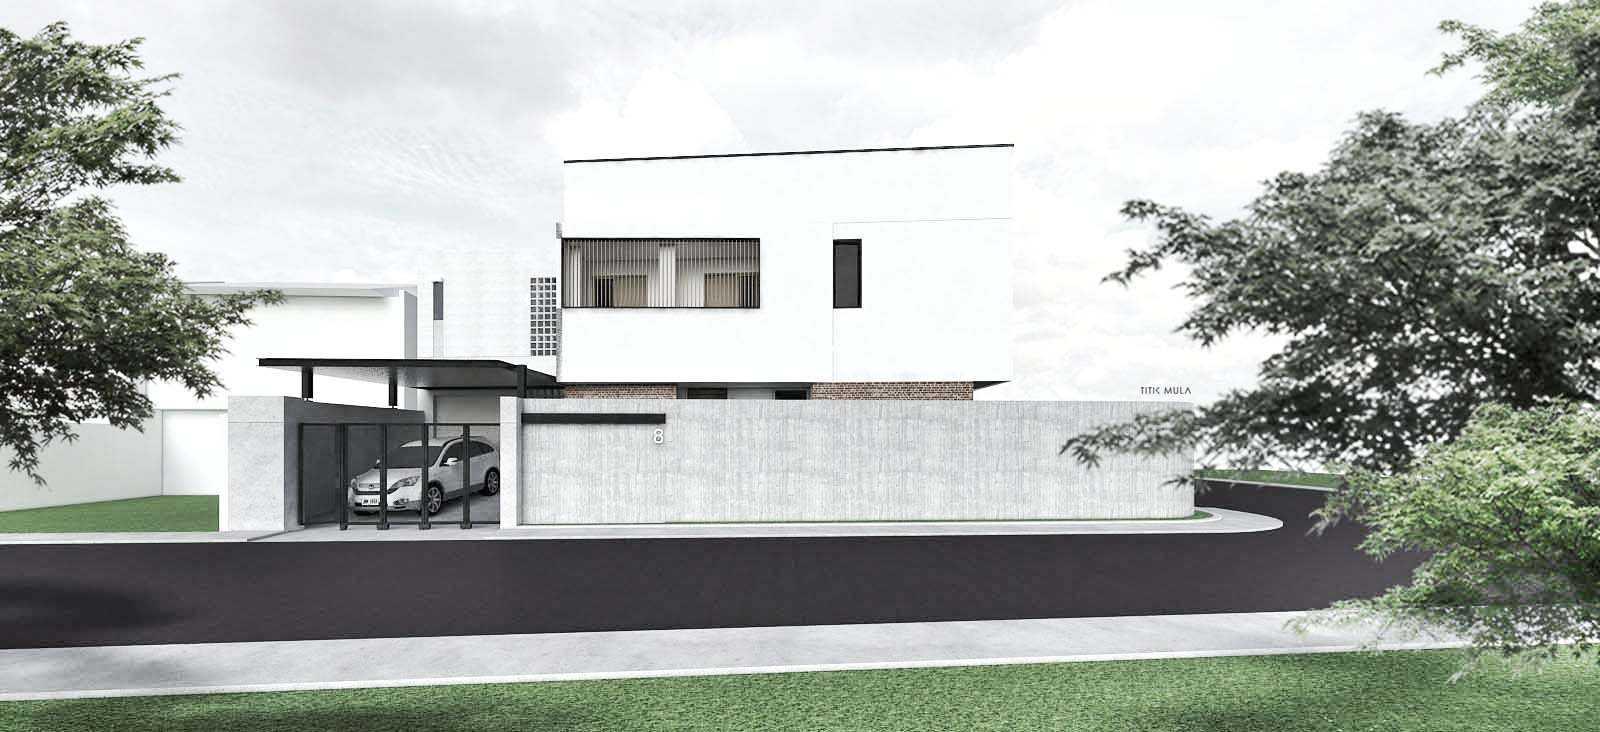 Titik Mula Architects P House Cirebon, Kota Cirebon, Jawa Barat, Indonesia Cirebon, Kota Cirebon, Jawa Barat, Indonesia Titik-Mula-Architects-P-House  96295